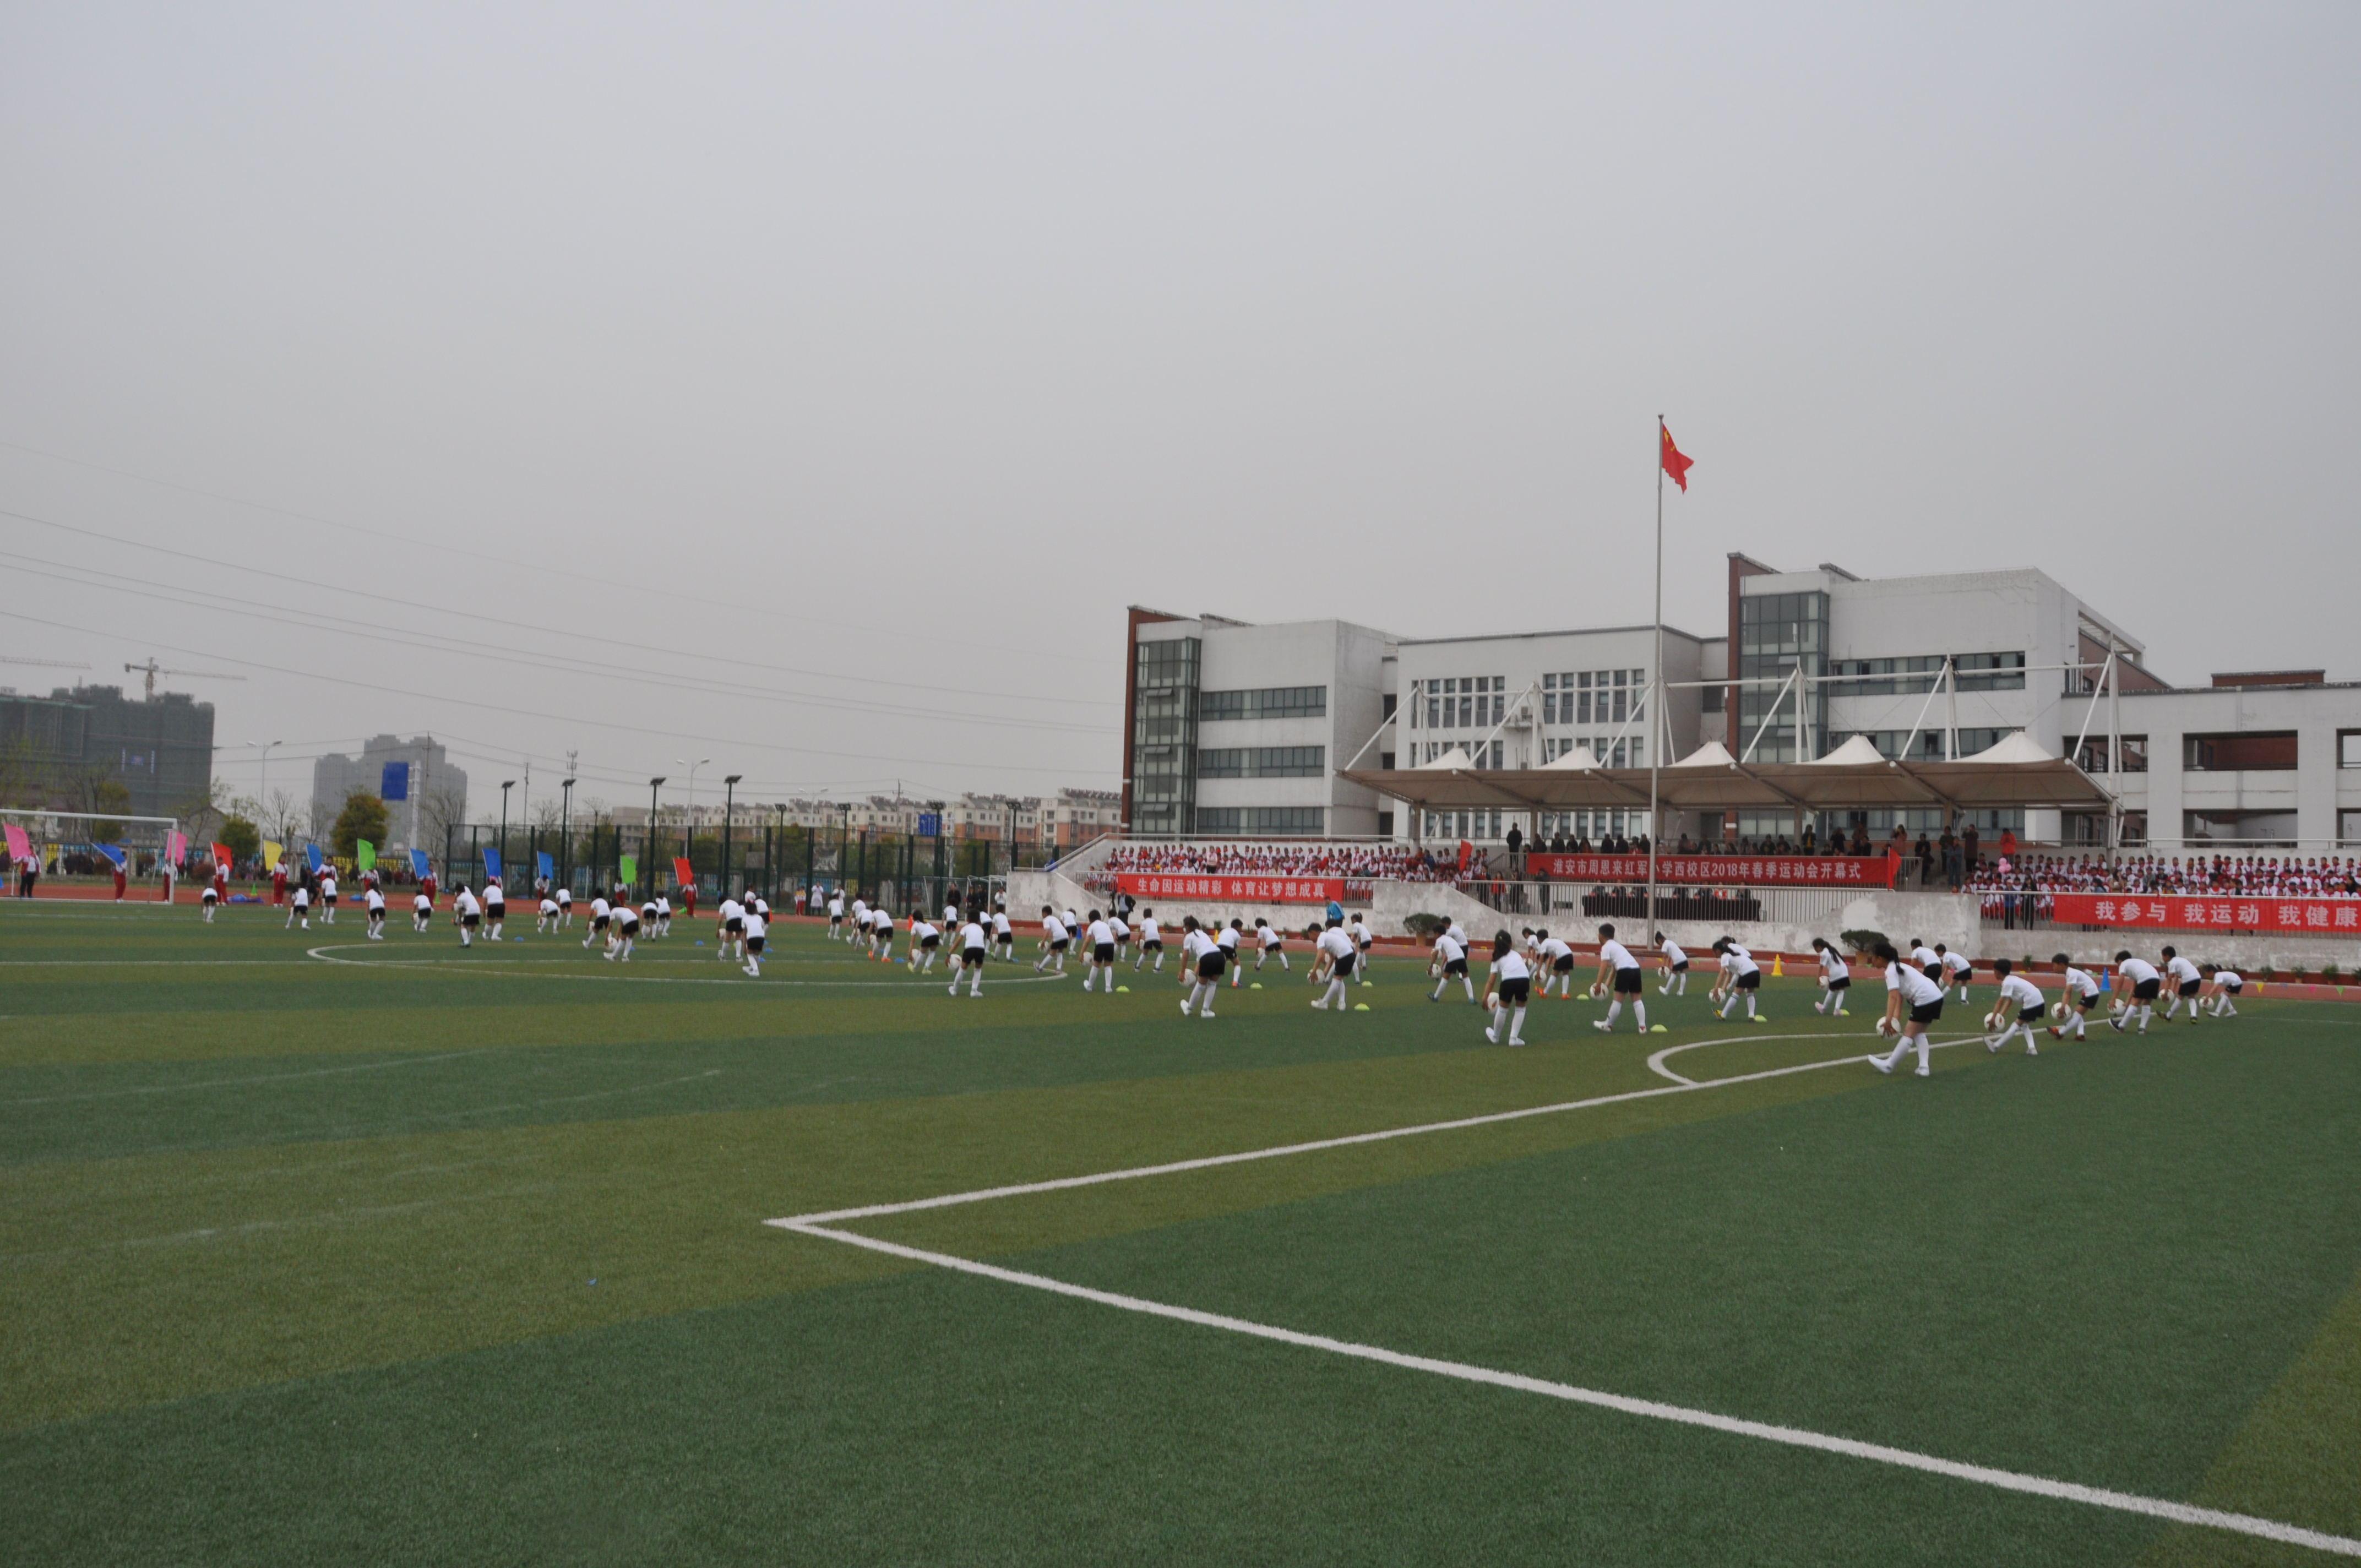 淮安市周恩来红军小学西校区春季运动会开幕式